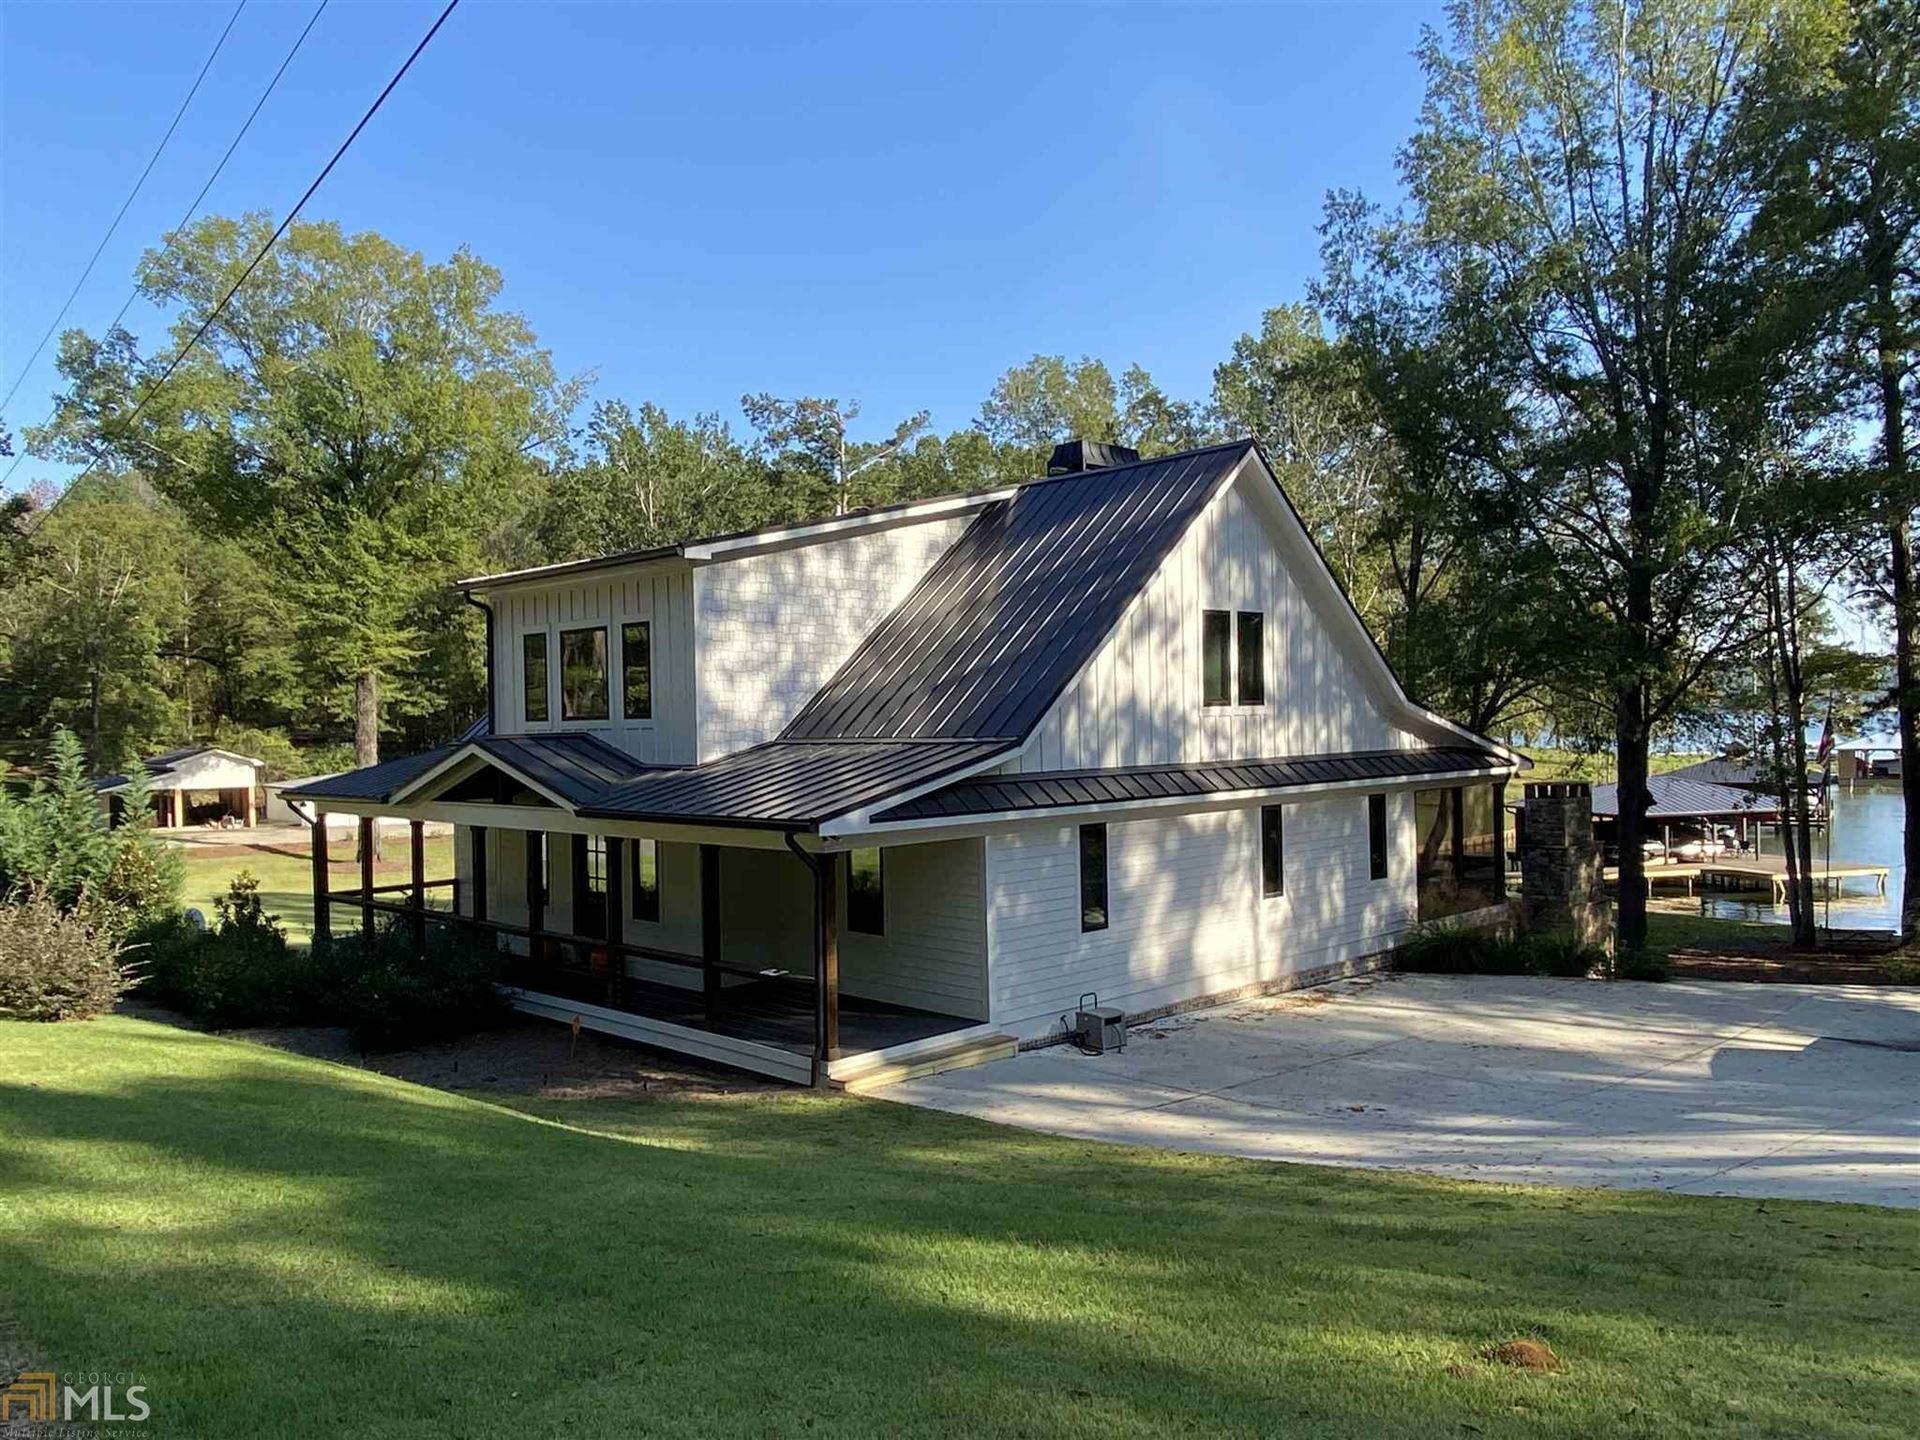 178 Sinclair Rd, Eatonton, GA 31024 - MLS#: 8875648